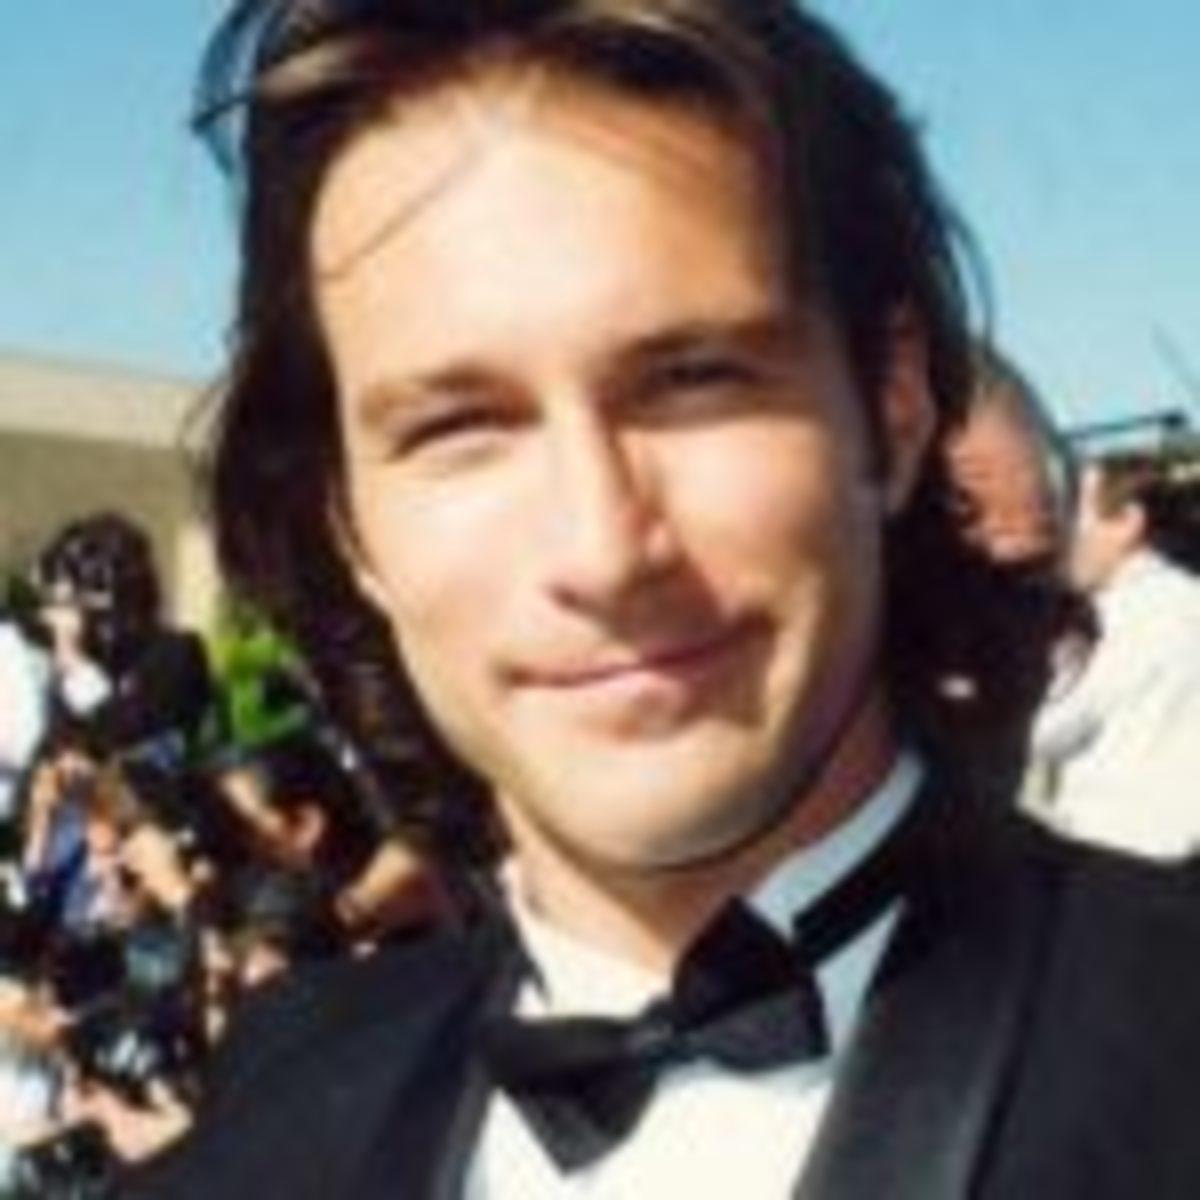 Actor John Corbett